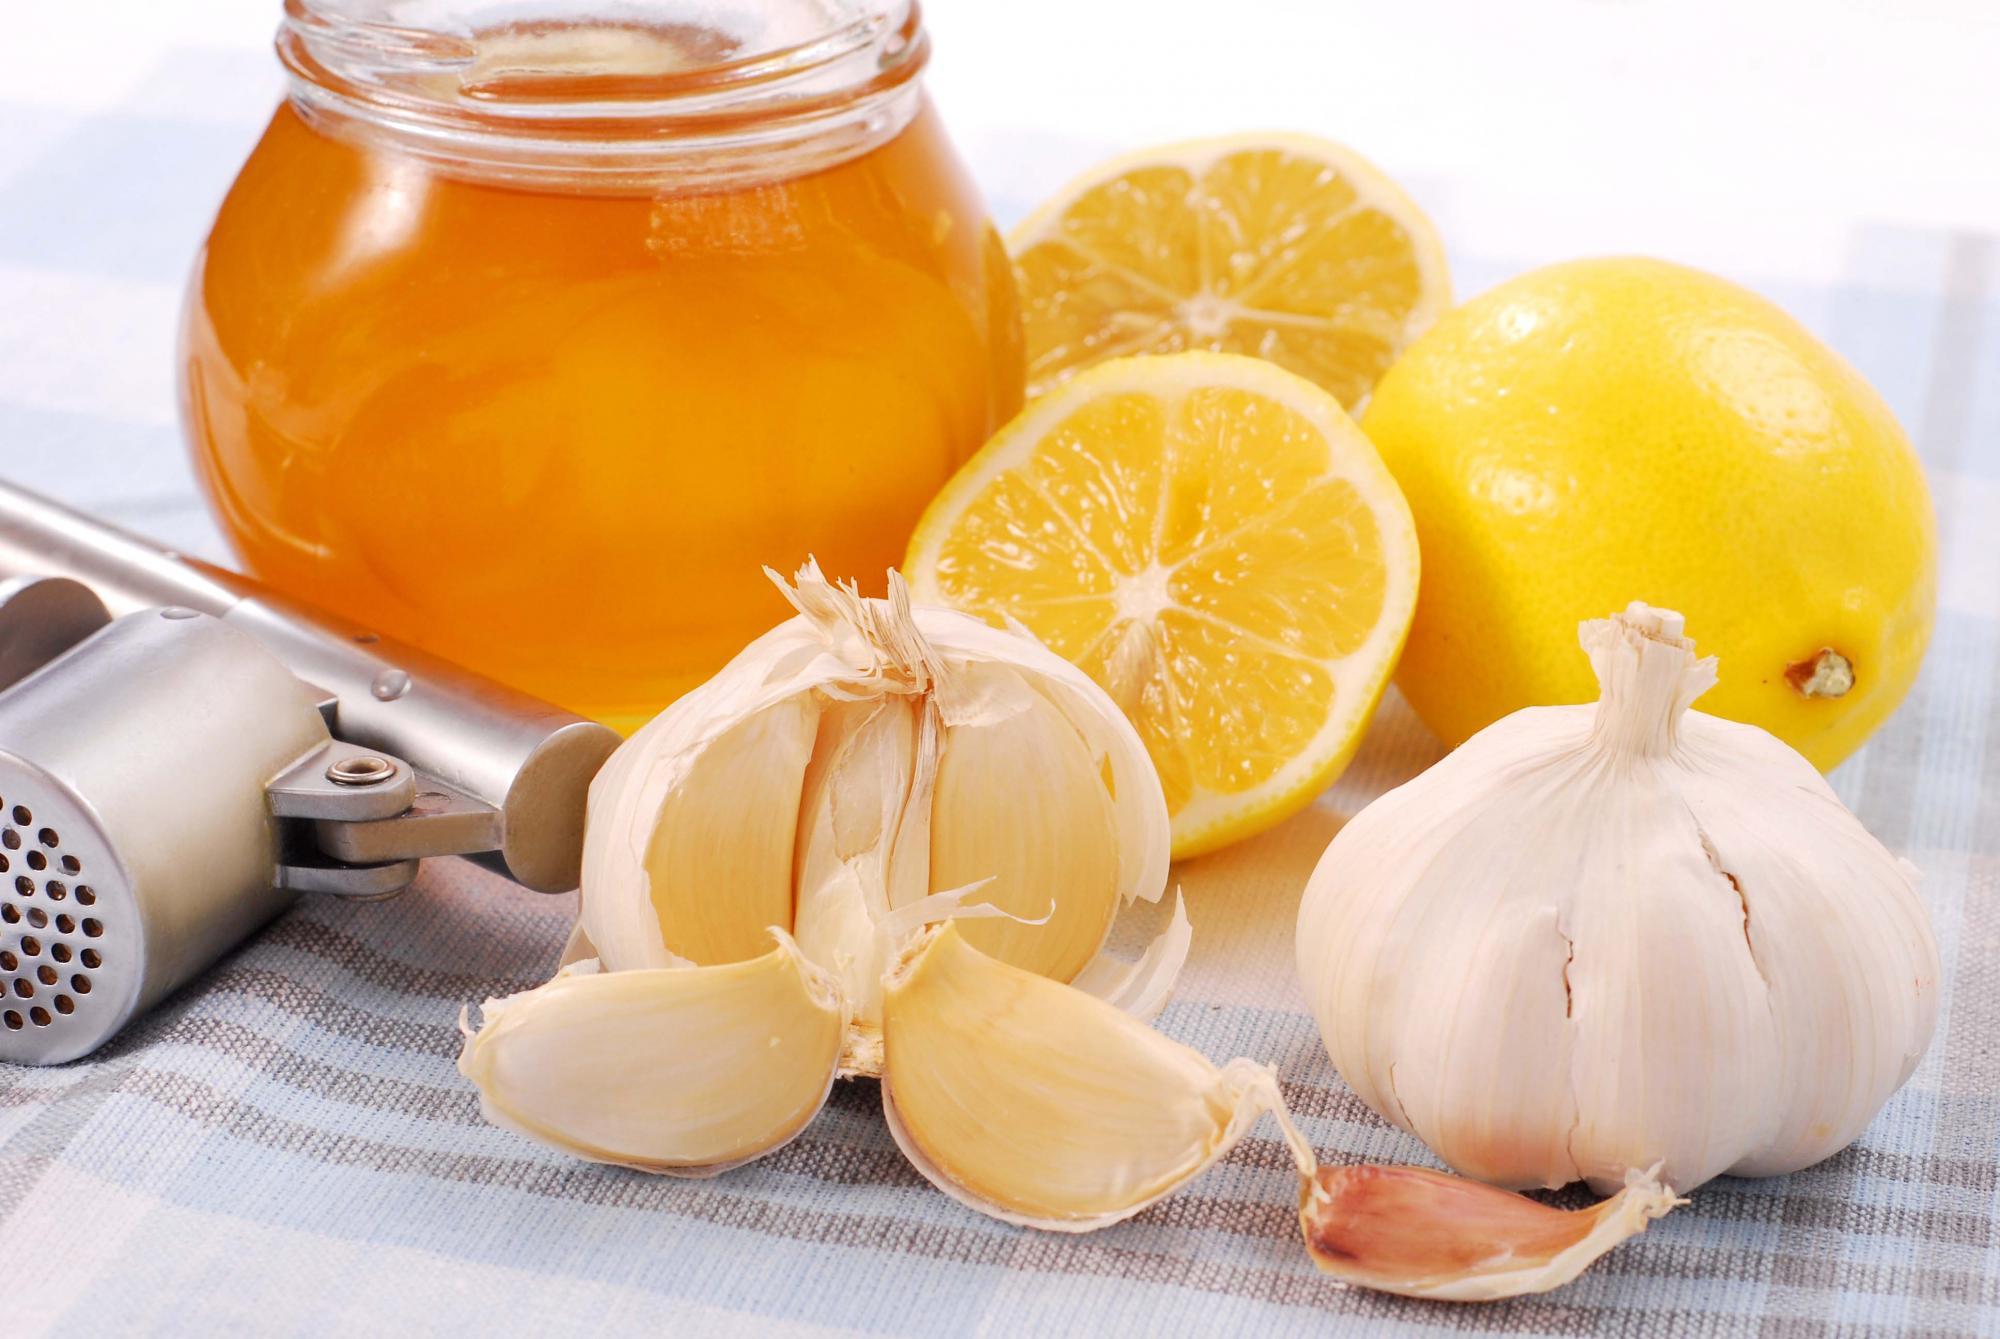 Не болей: рецепт натурального антибиотика против простуды